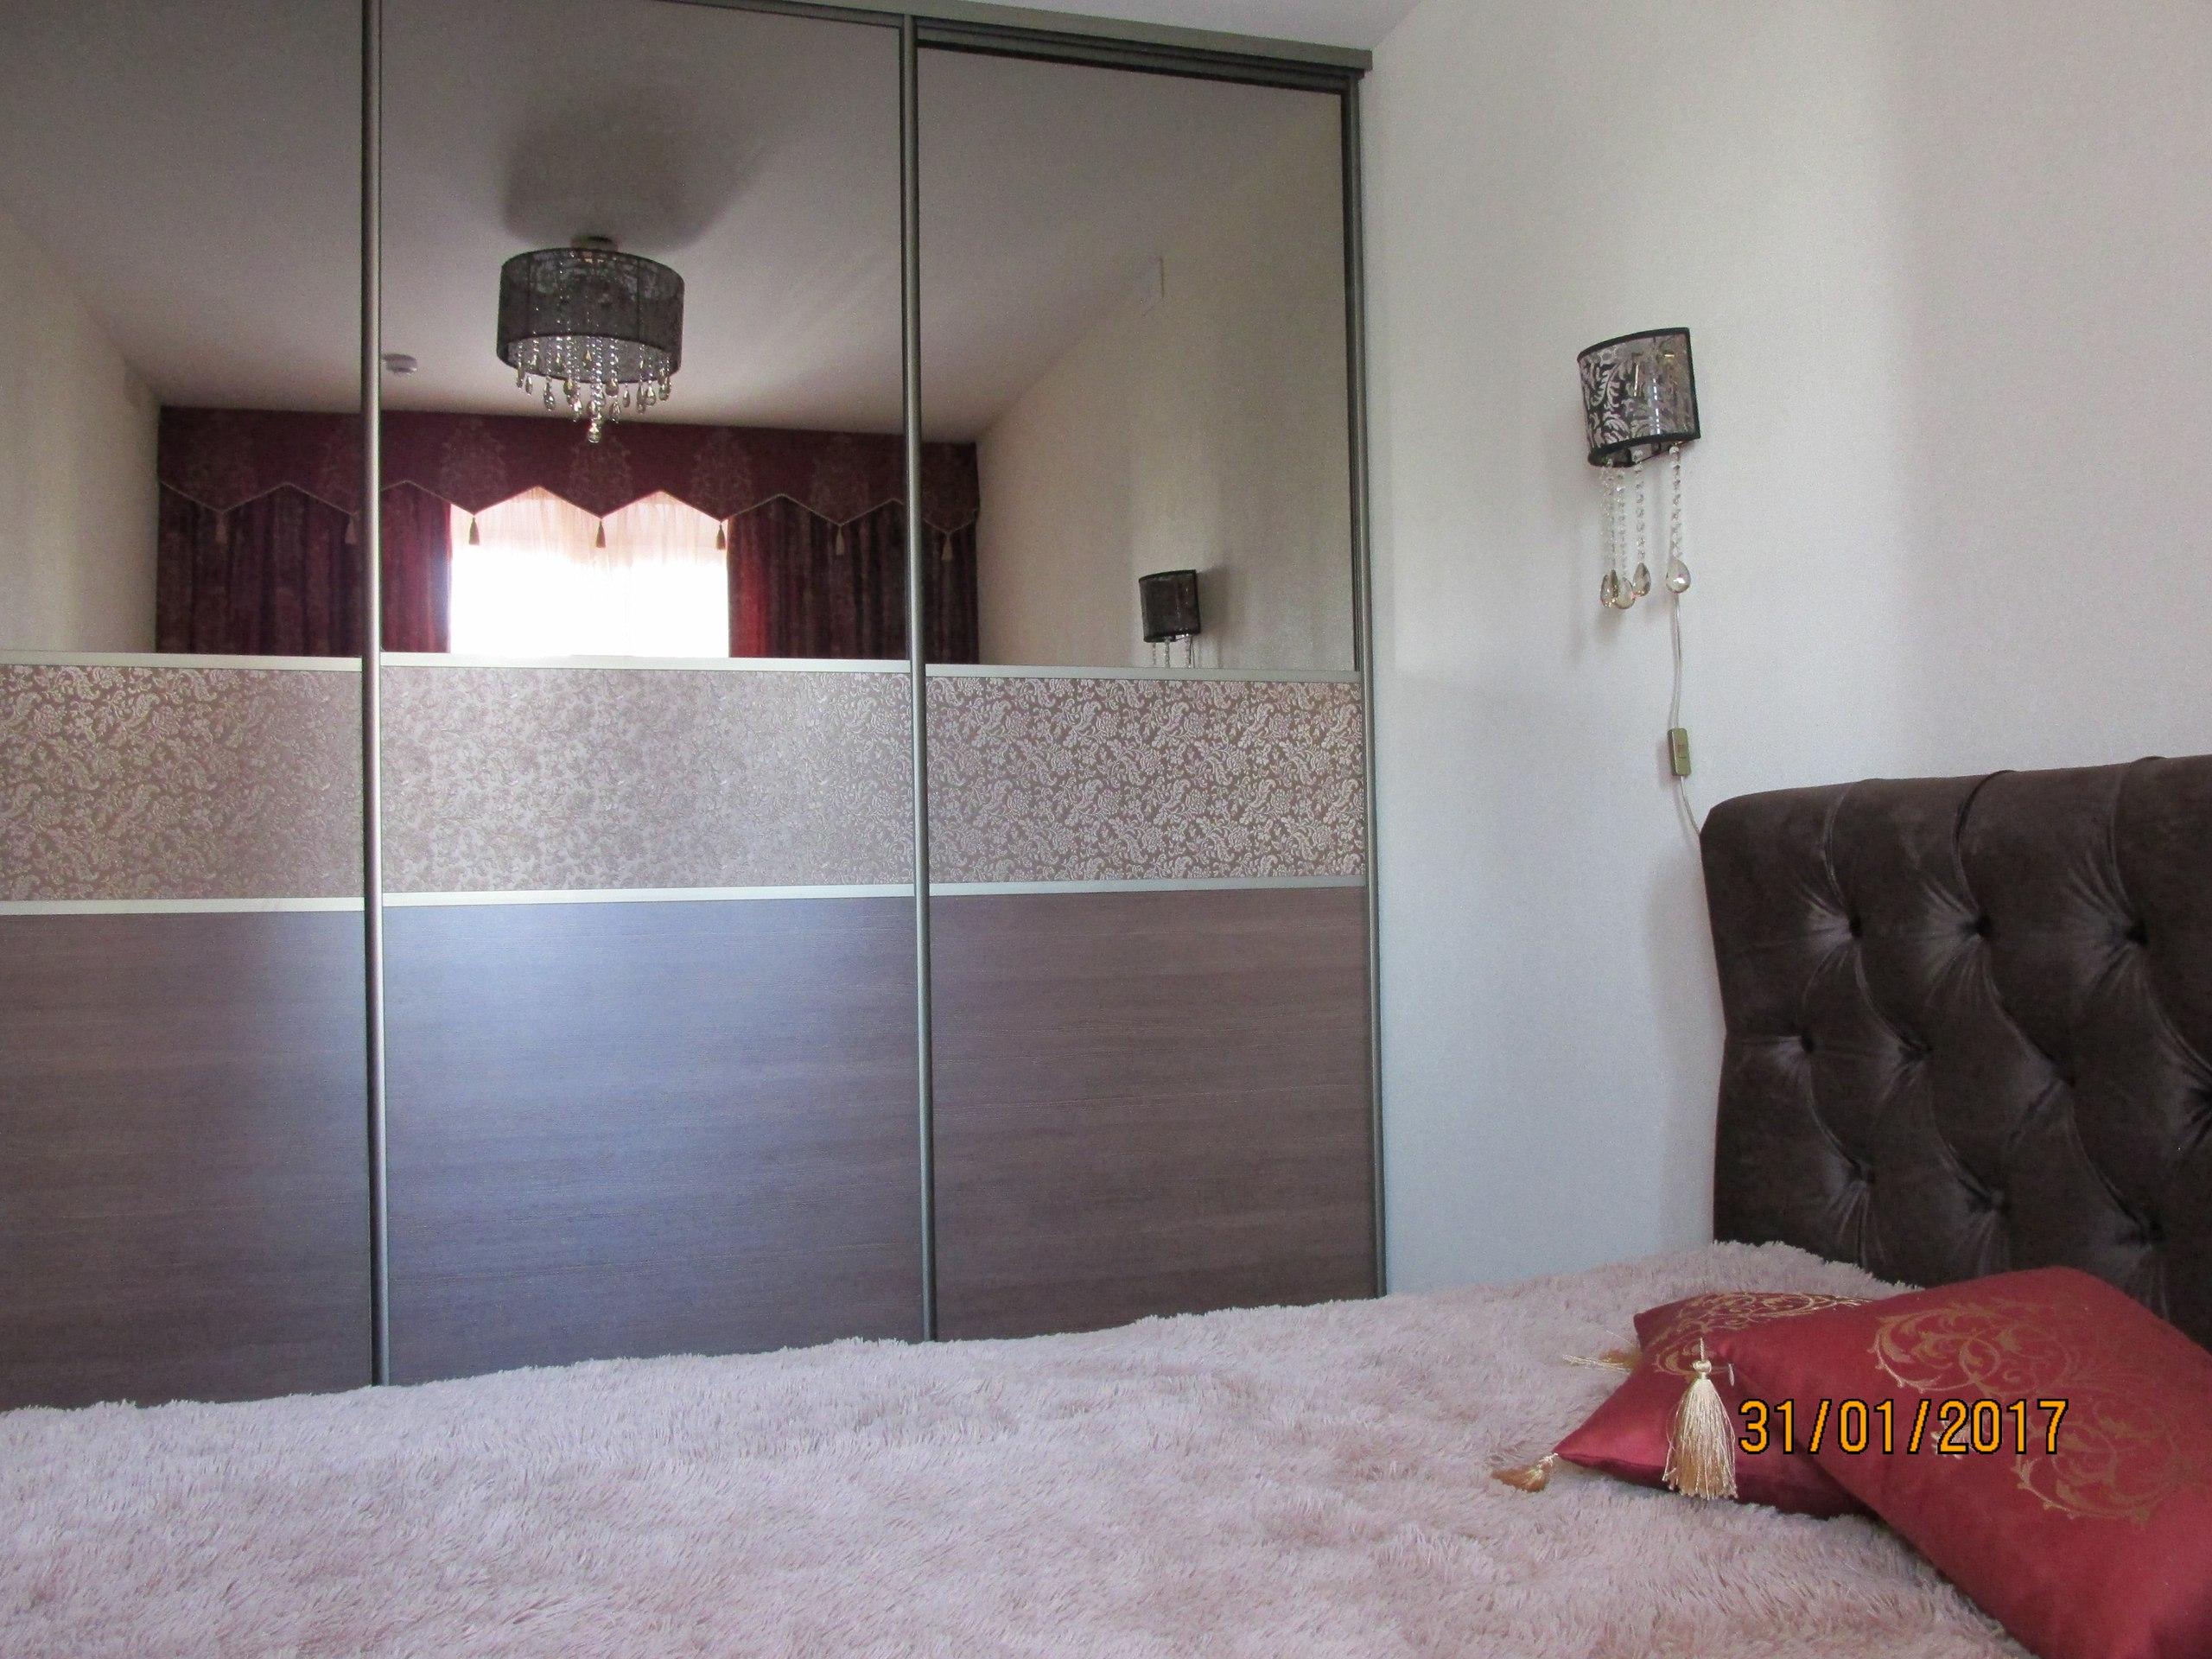 Интерьер и незначительная перепланировка относительно небольшой квартиры (студия+спальня, 50 кв м).